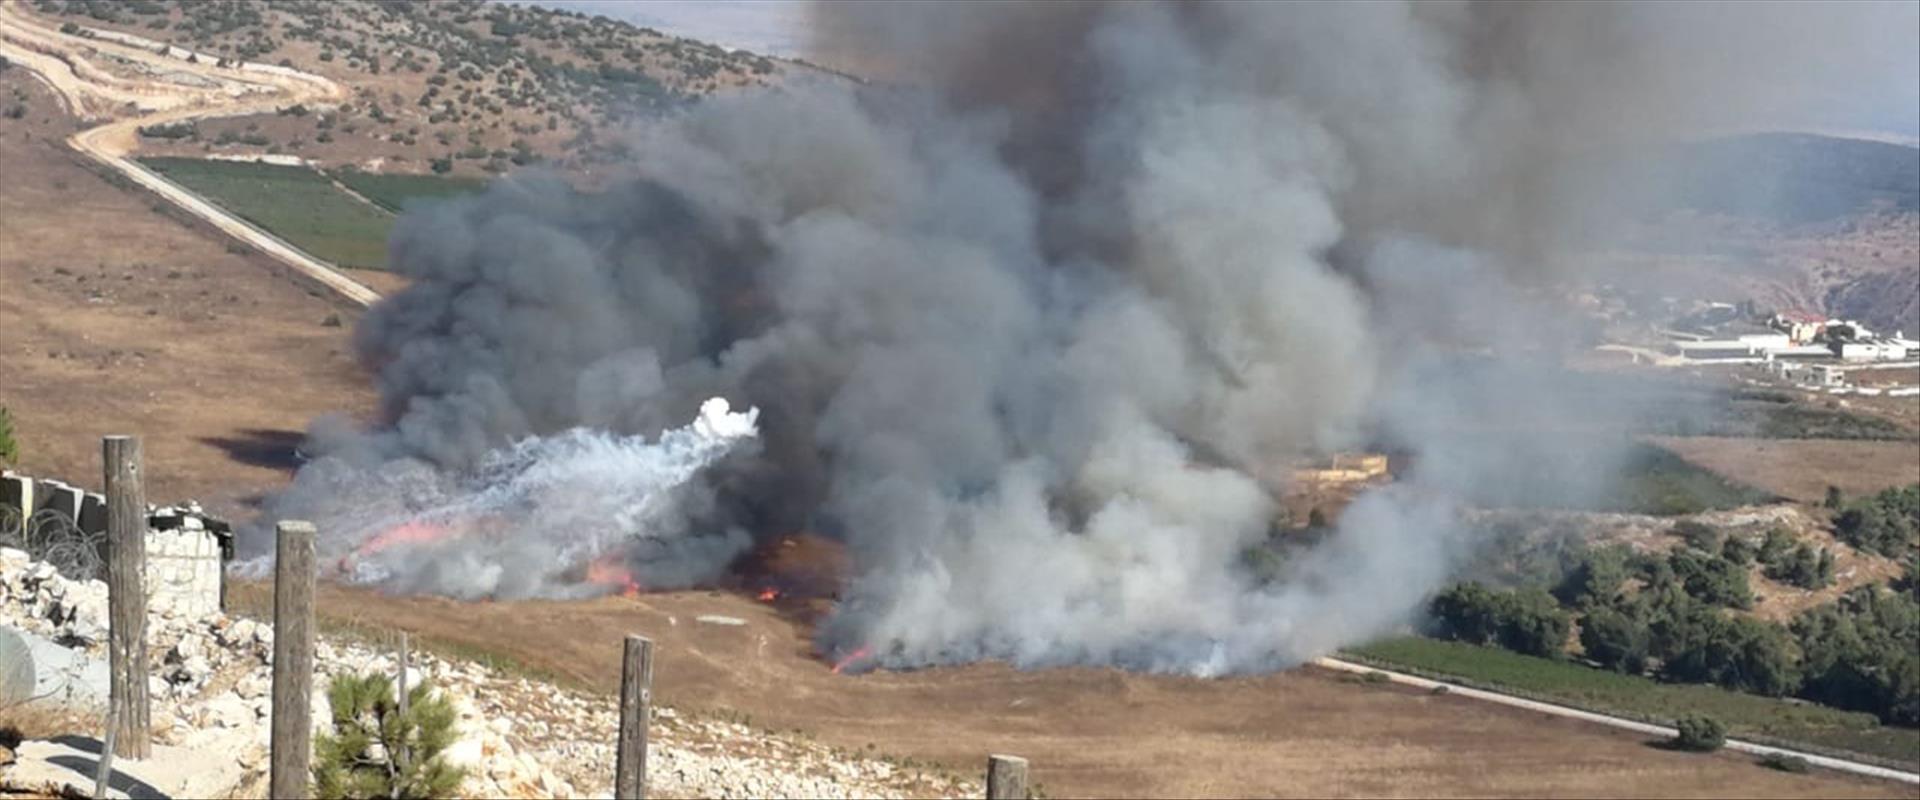 """ירי חיזבאללה לעבר כוח צה""""ל בגבול ישראל-לבנון ביום"""